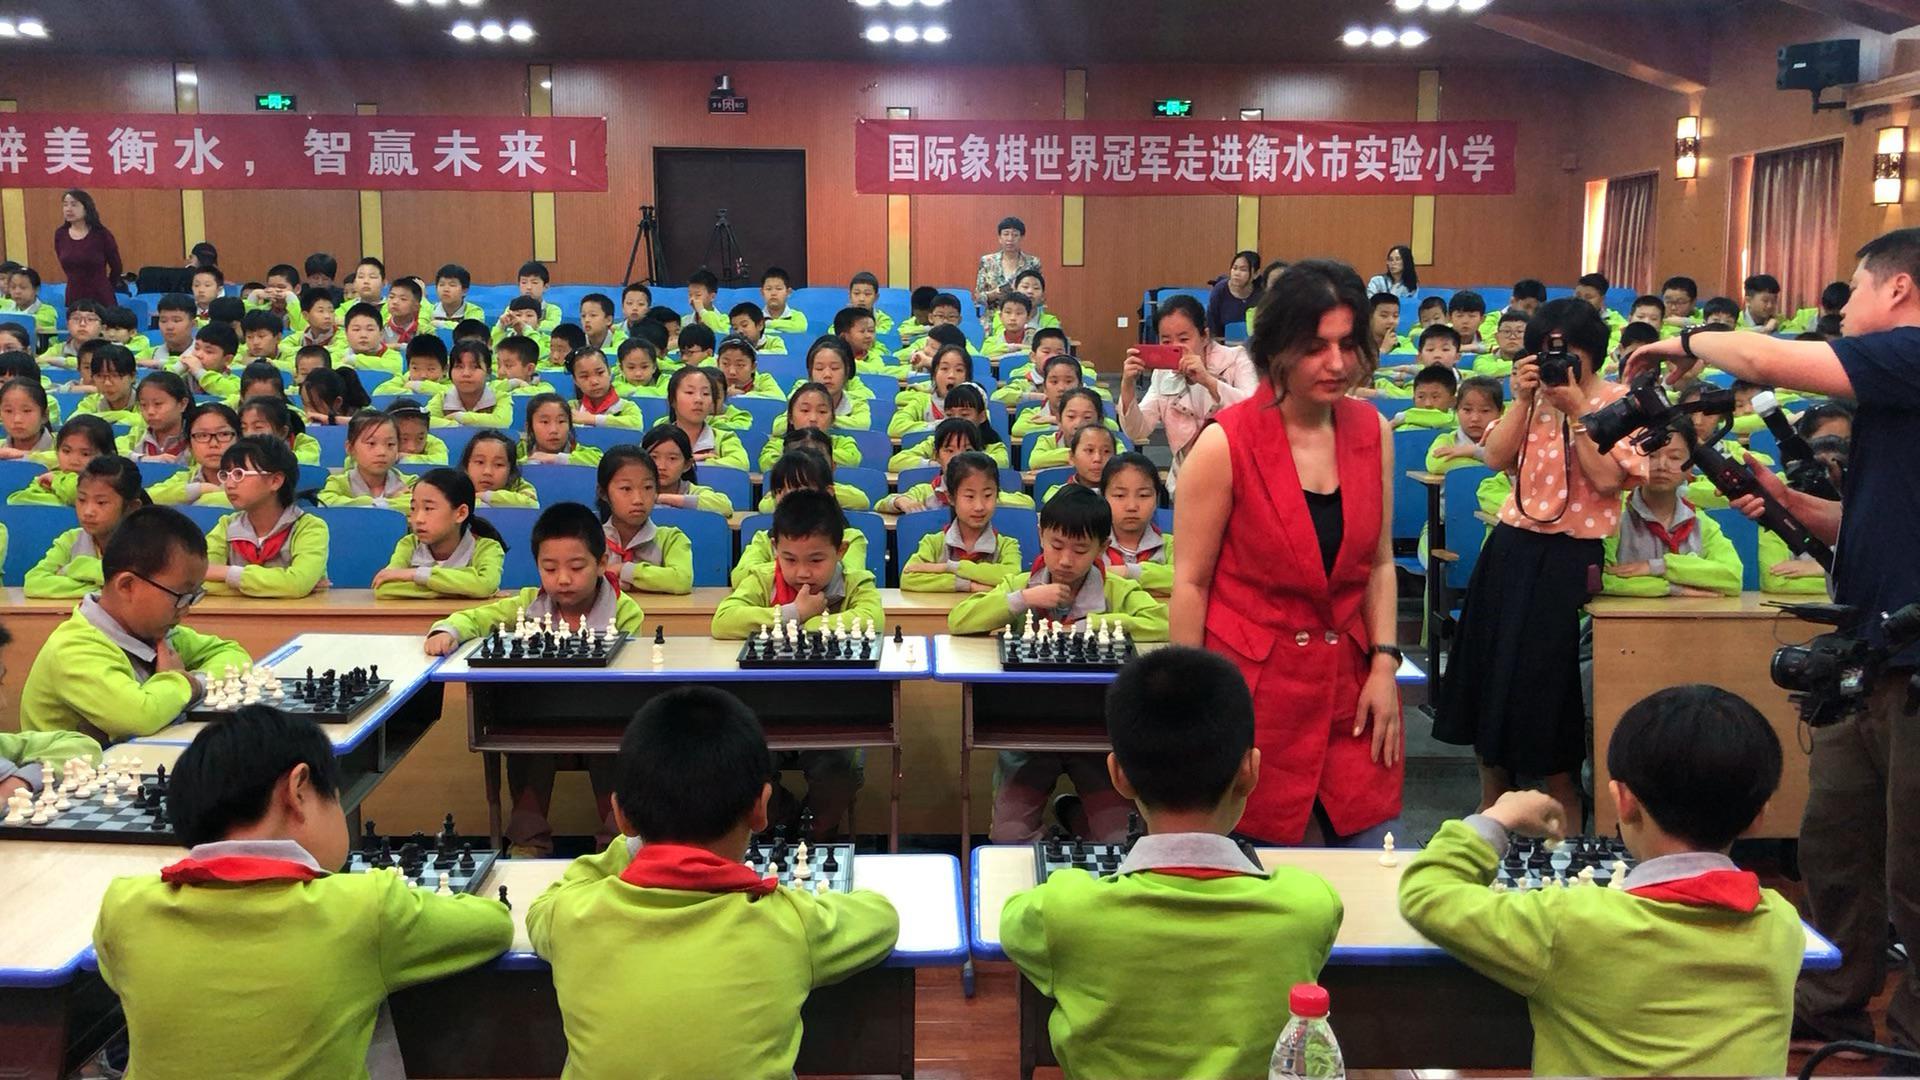 格鲁吉亚美女棋手霍特纳什维利指导衡水实验小学的小棋手们 ()